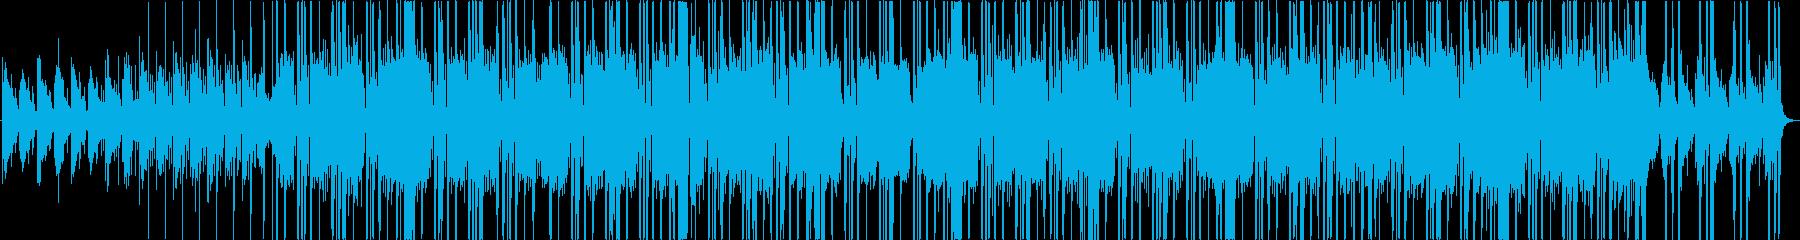 ディープなTrapの Type Beatの再生済みの波形